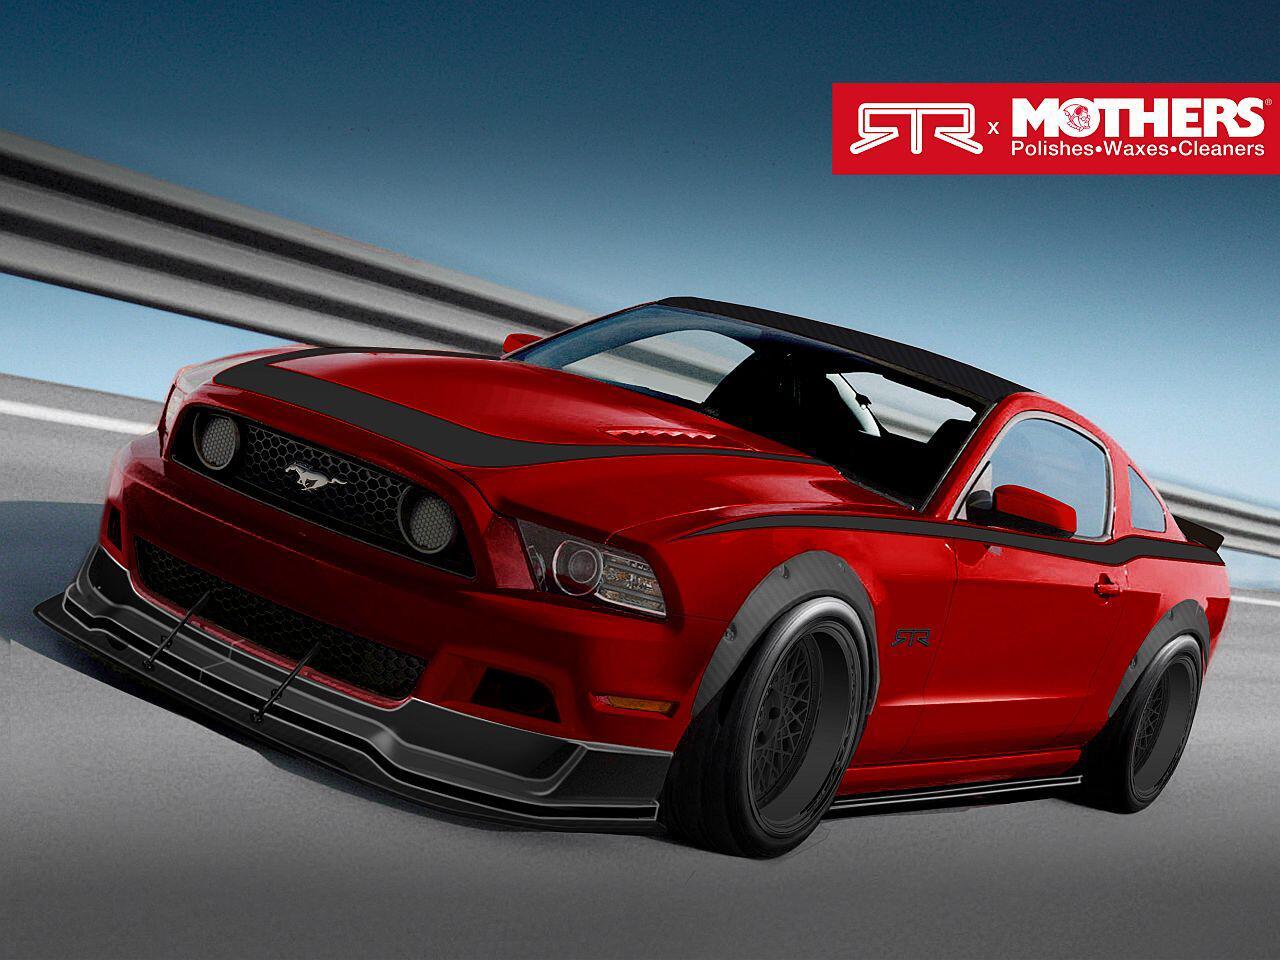 Bild zu Noch ein Traum-Mustang: Das Leistungsmonster von Mothers und RTR